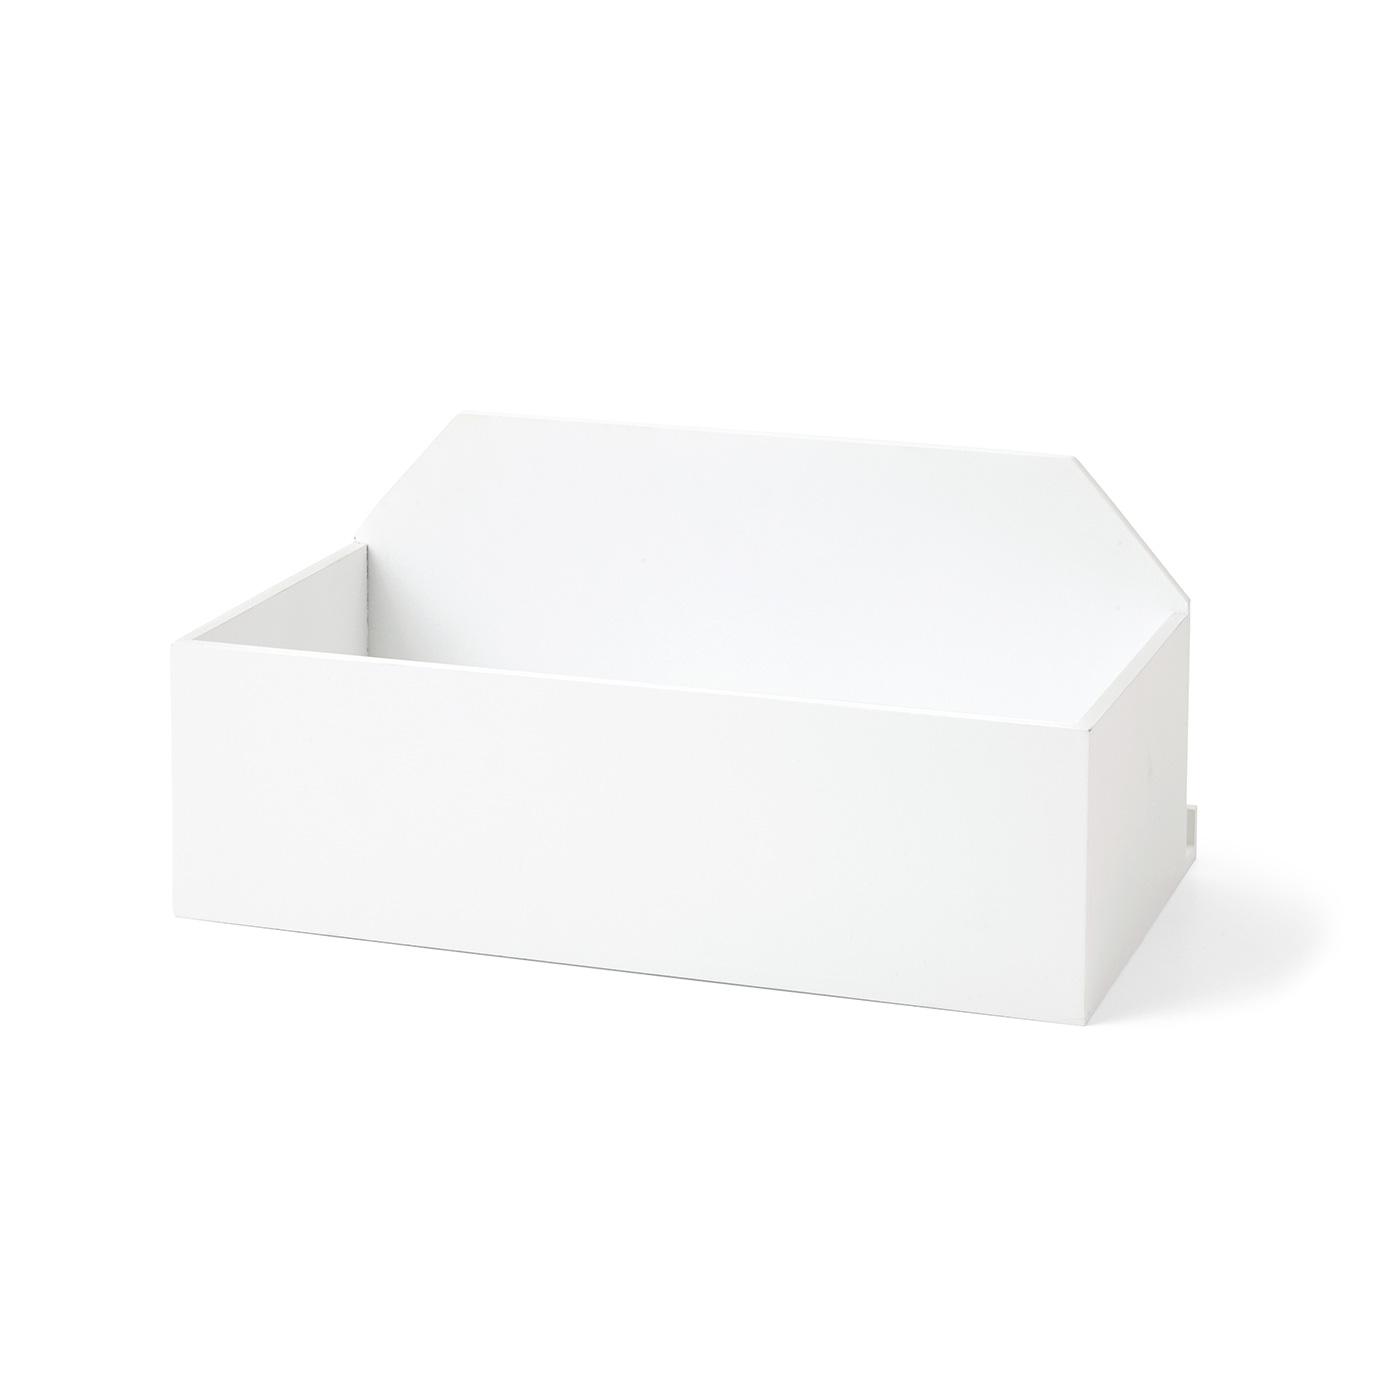 CDやミニティッシュ、ハンドクリームや家族で使うサプリメントなどの収納に。